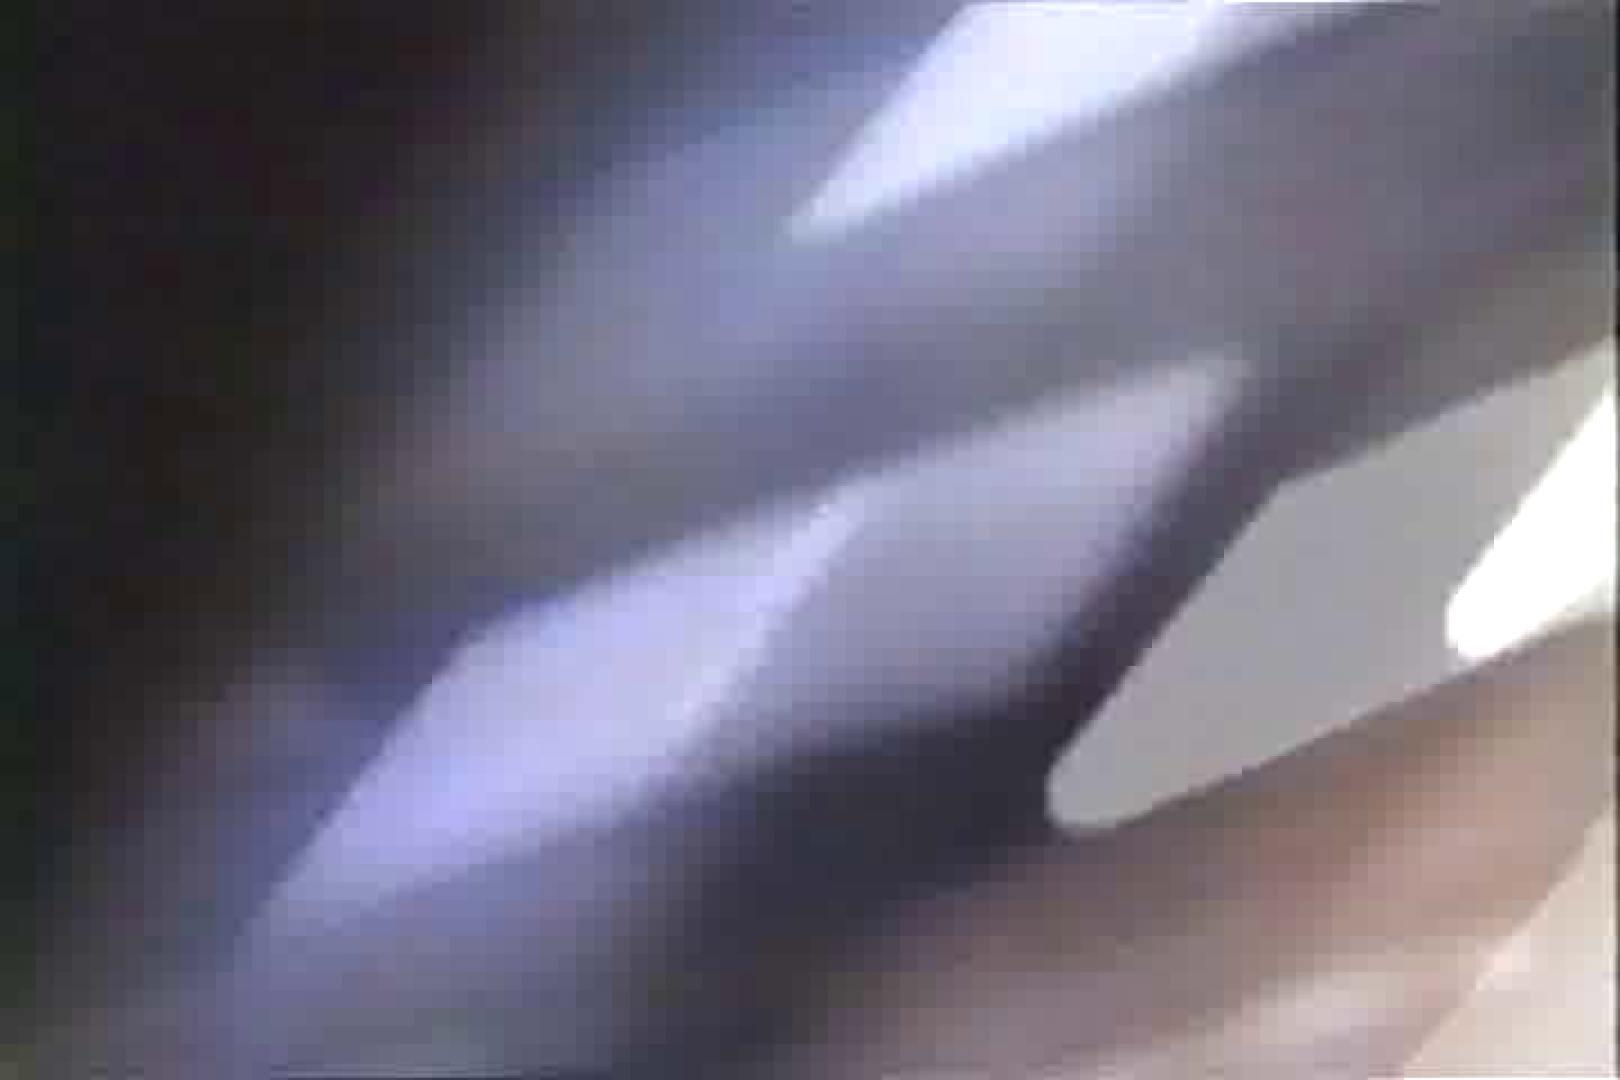 「ちくりん」さんのオリジナル未編集パンチラVol.1_01 OL  102枚 38